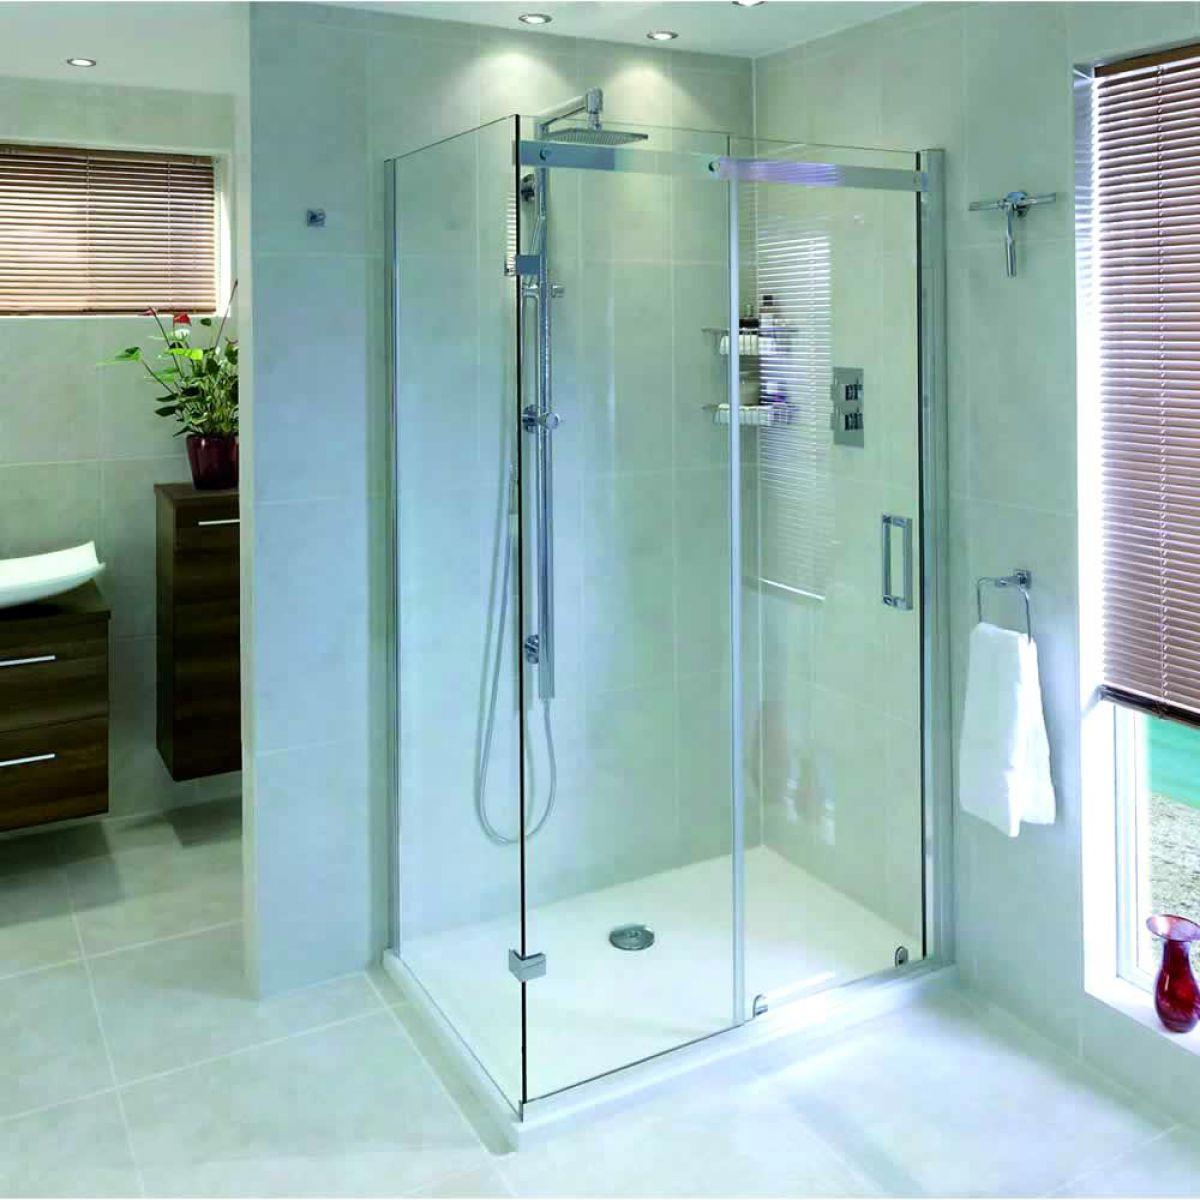 Aqata Spectra Sliding Door Shower Enclosure Sp305 Corner